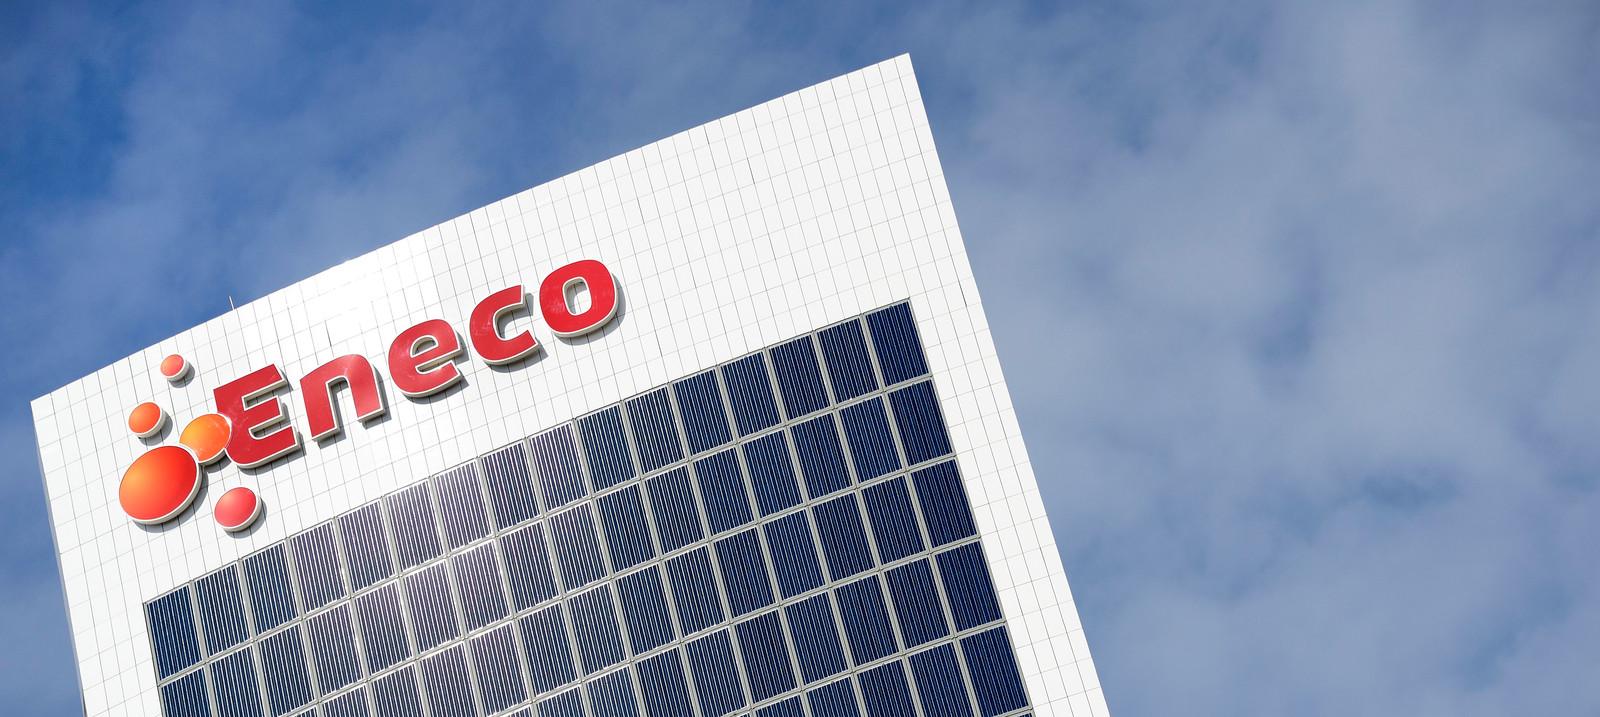 Eneco profileert zich nadrukkelijk als duurzaam energiebedrijf. ANP XTRA LEX VAN LIESHOUT